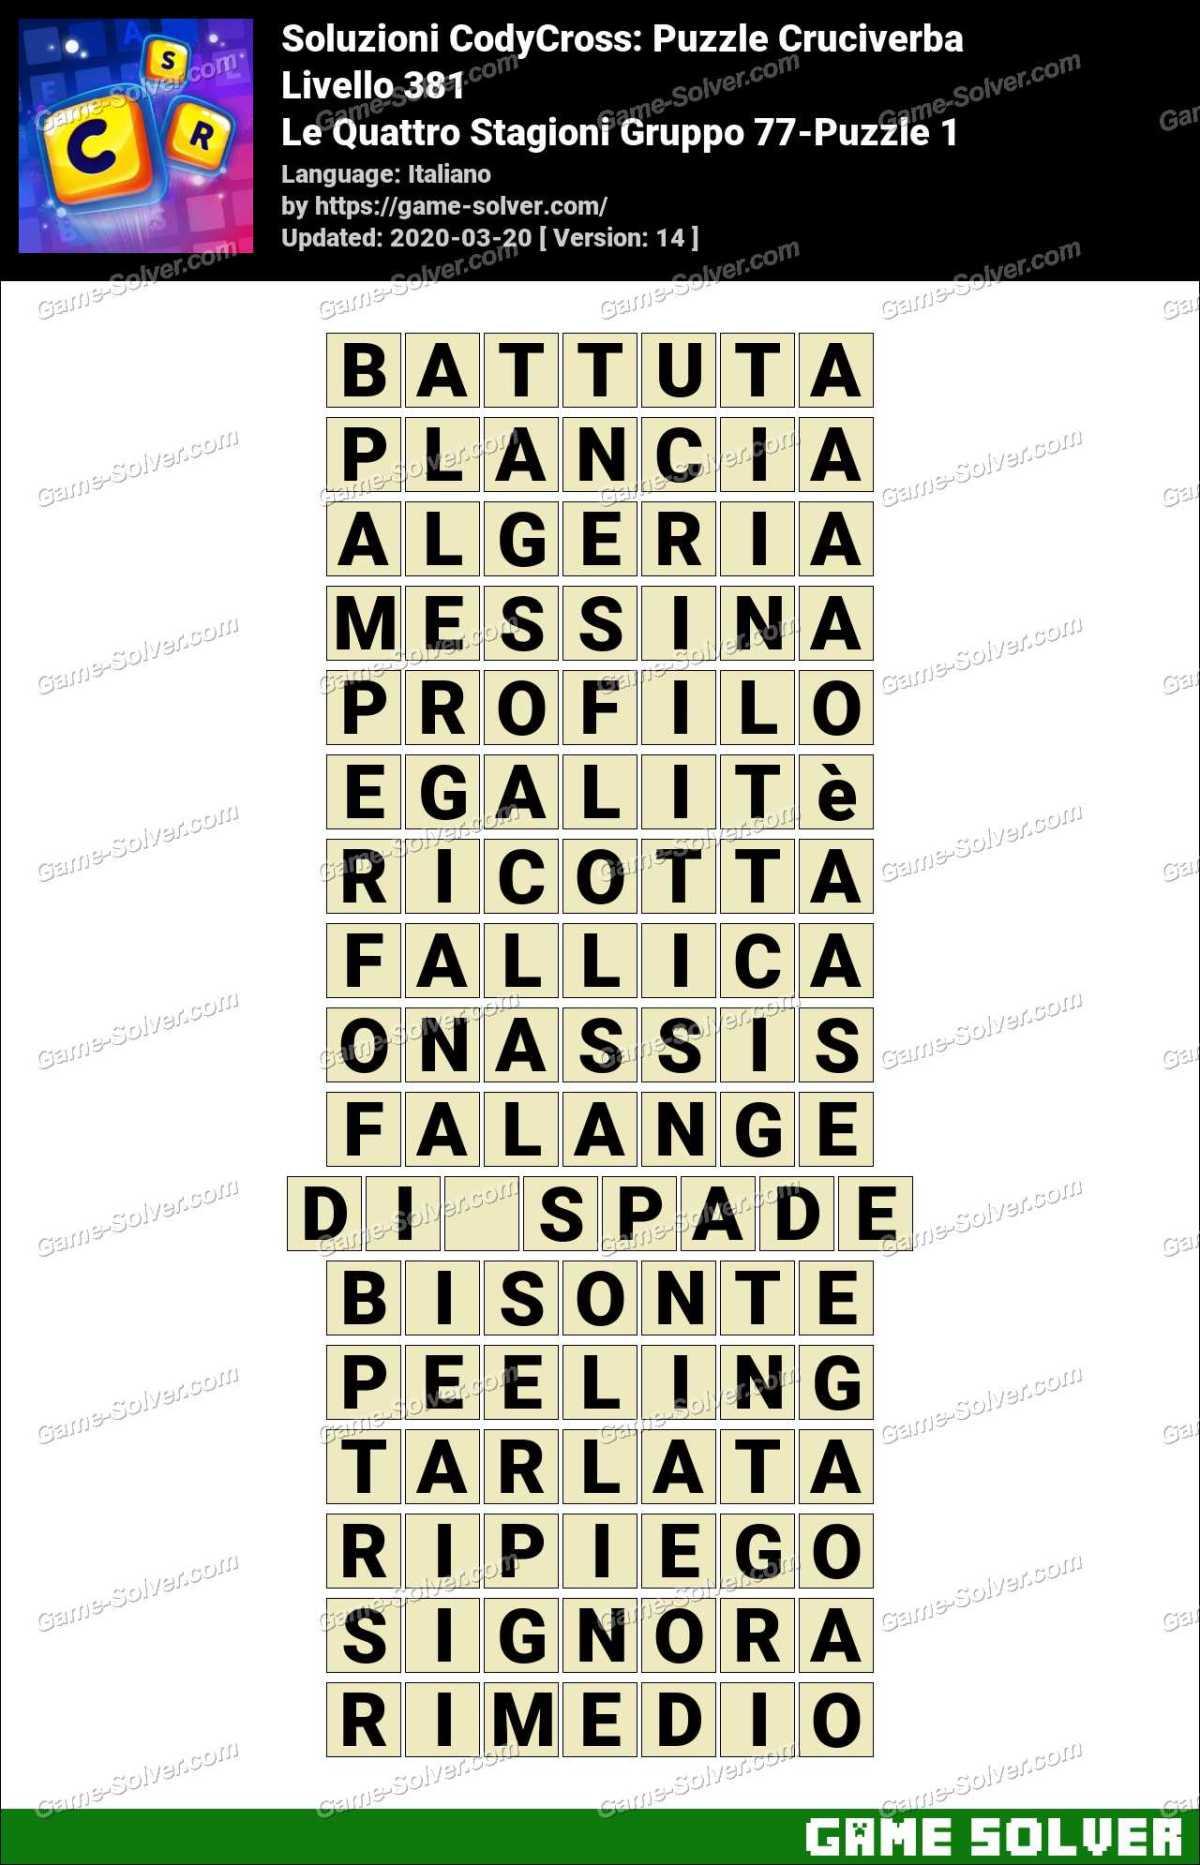 Soluzioni CodyCross Le Quattro Stagioni Gruppo 77-Puzzle 1